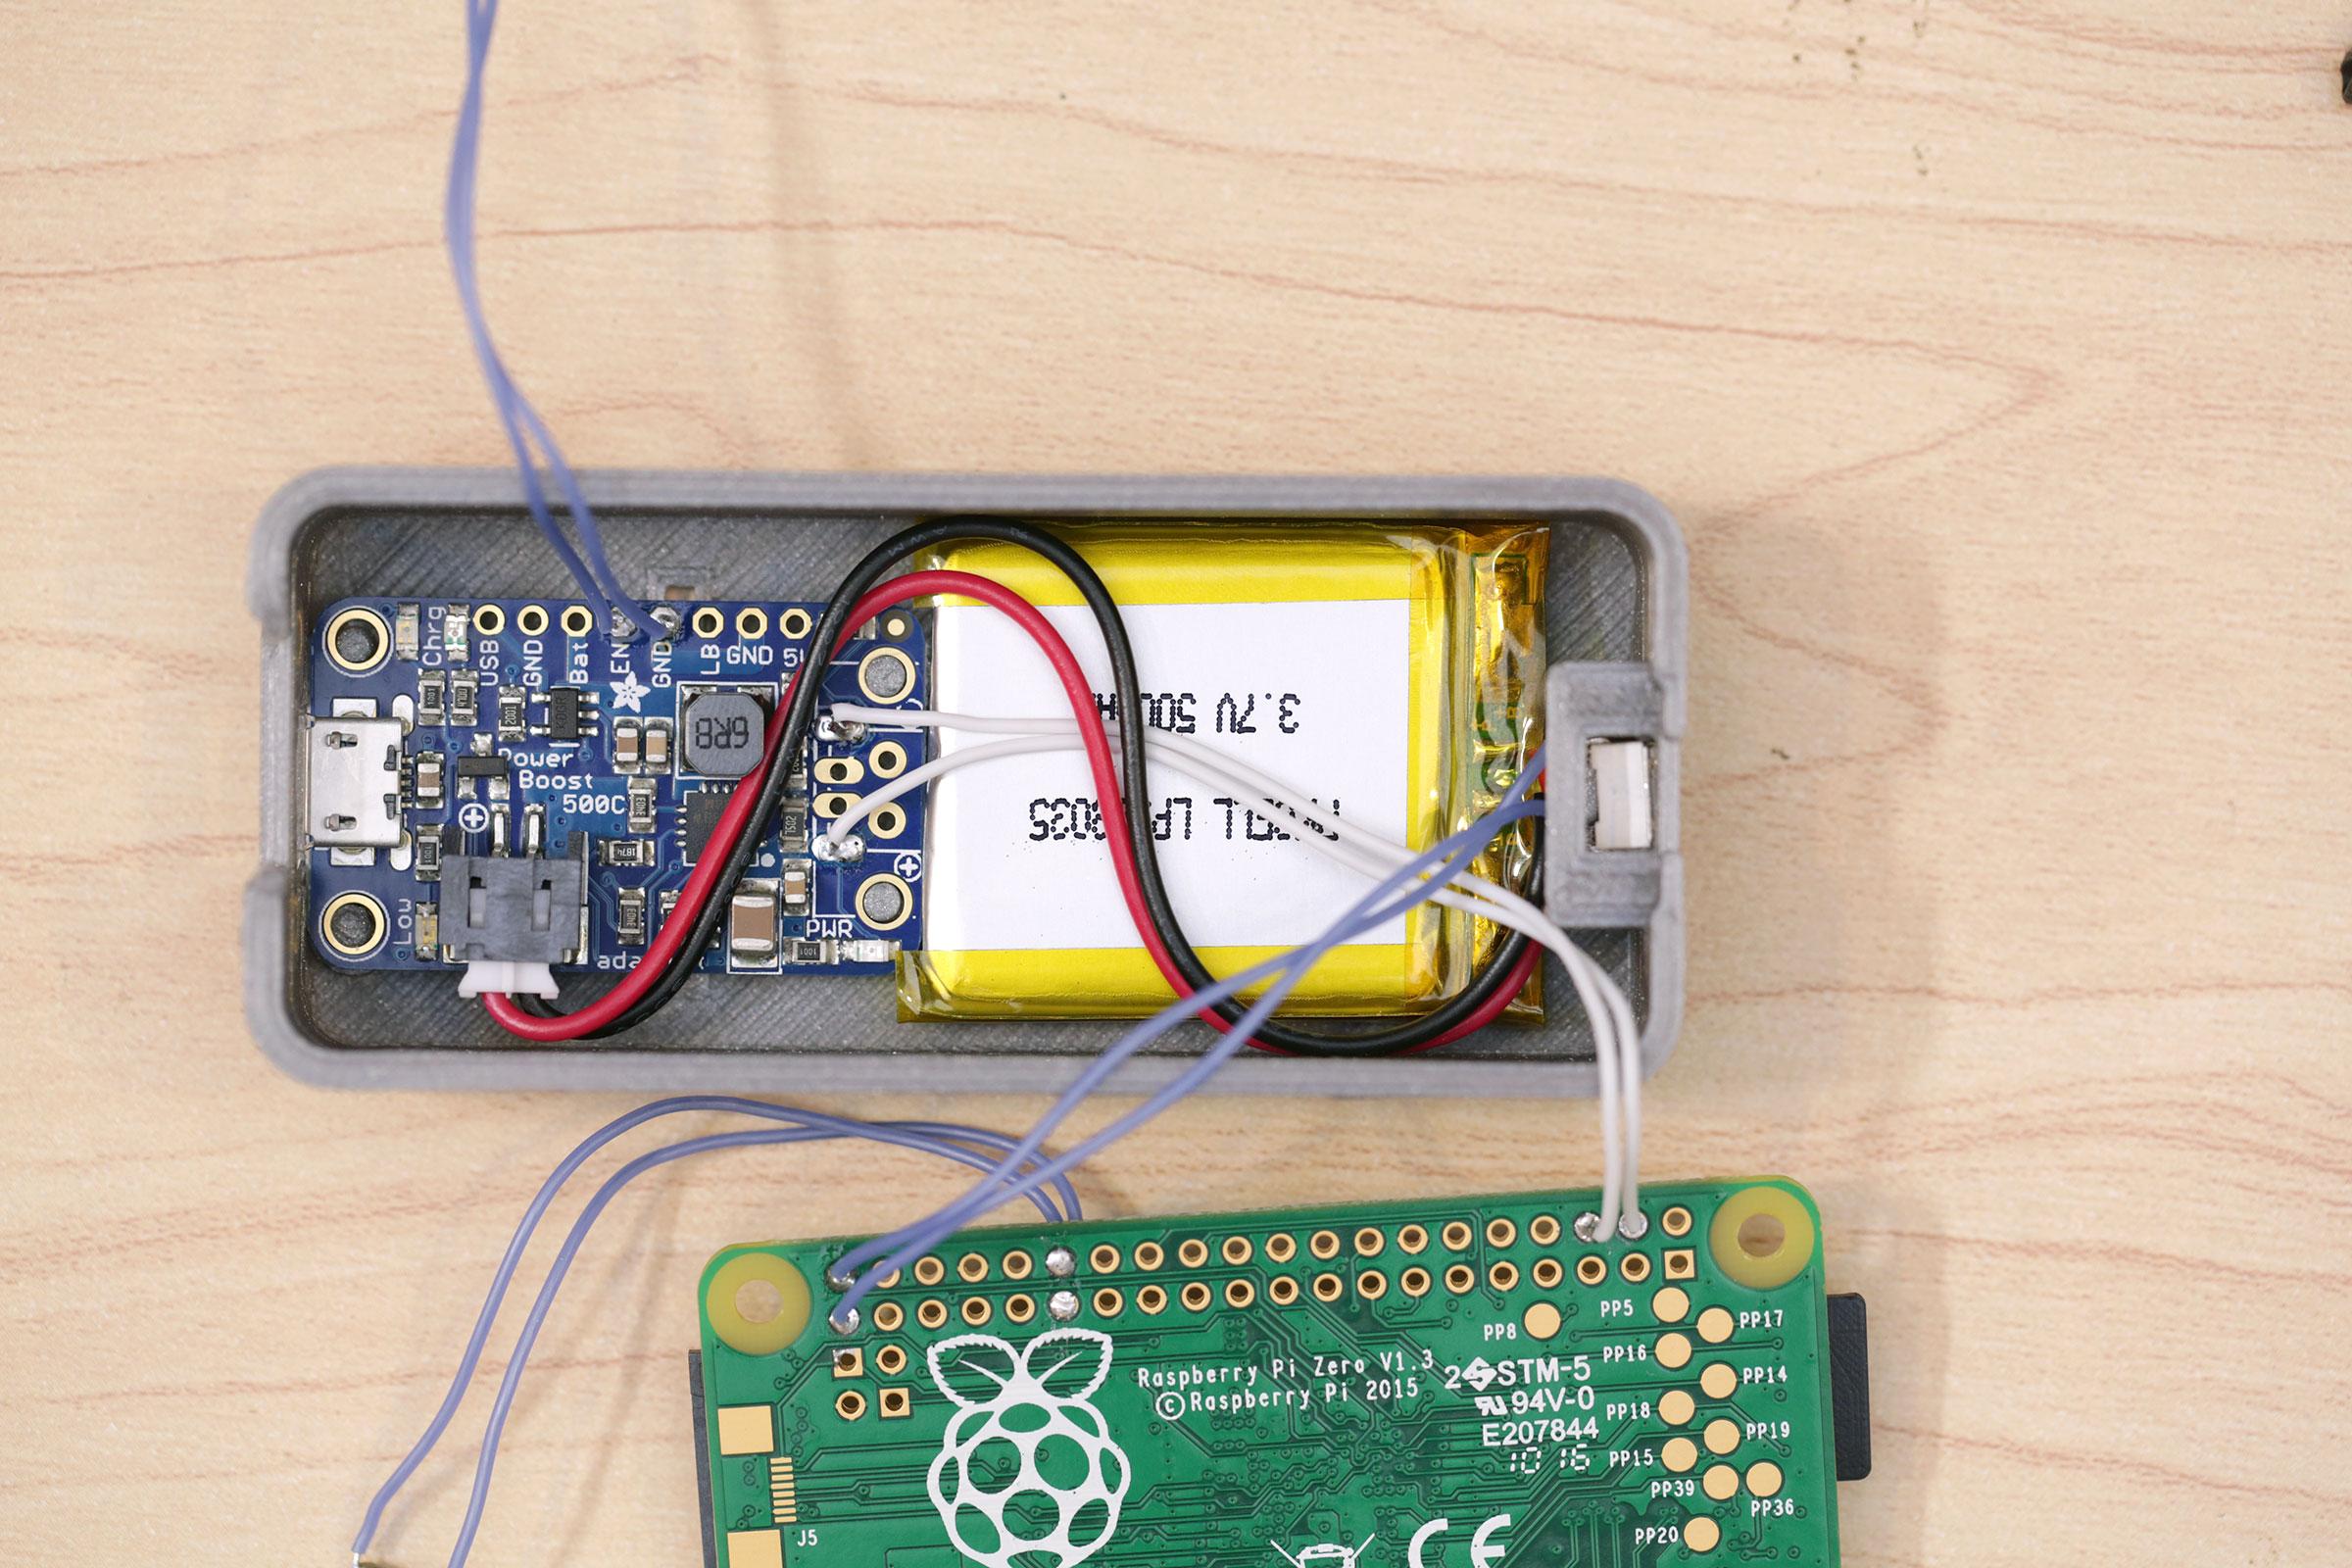 camera_battery-install.jpg